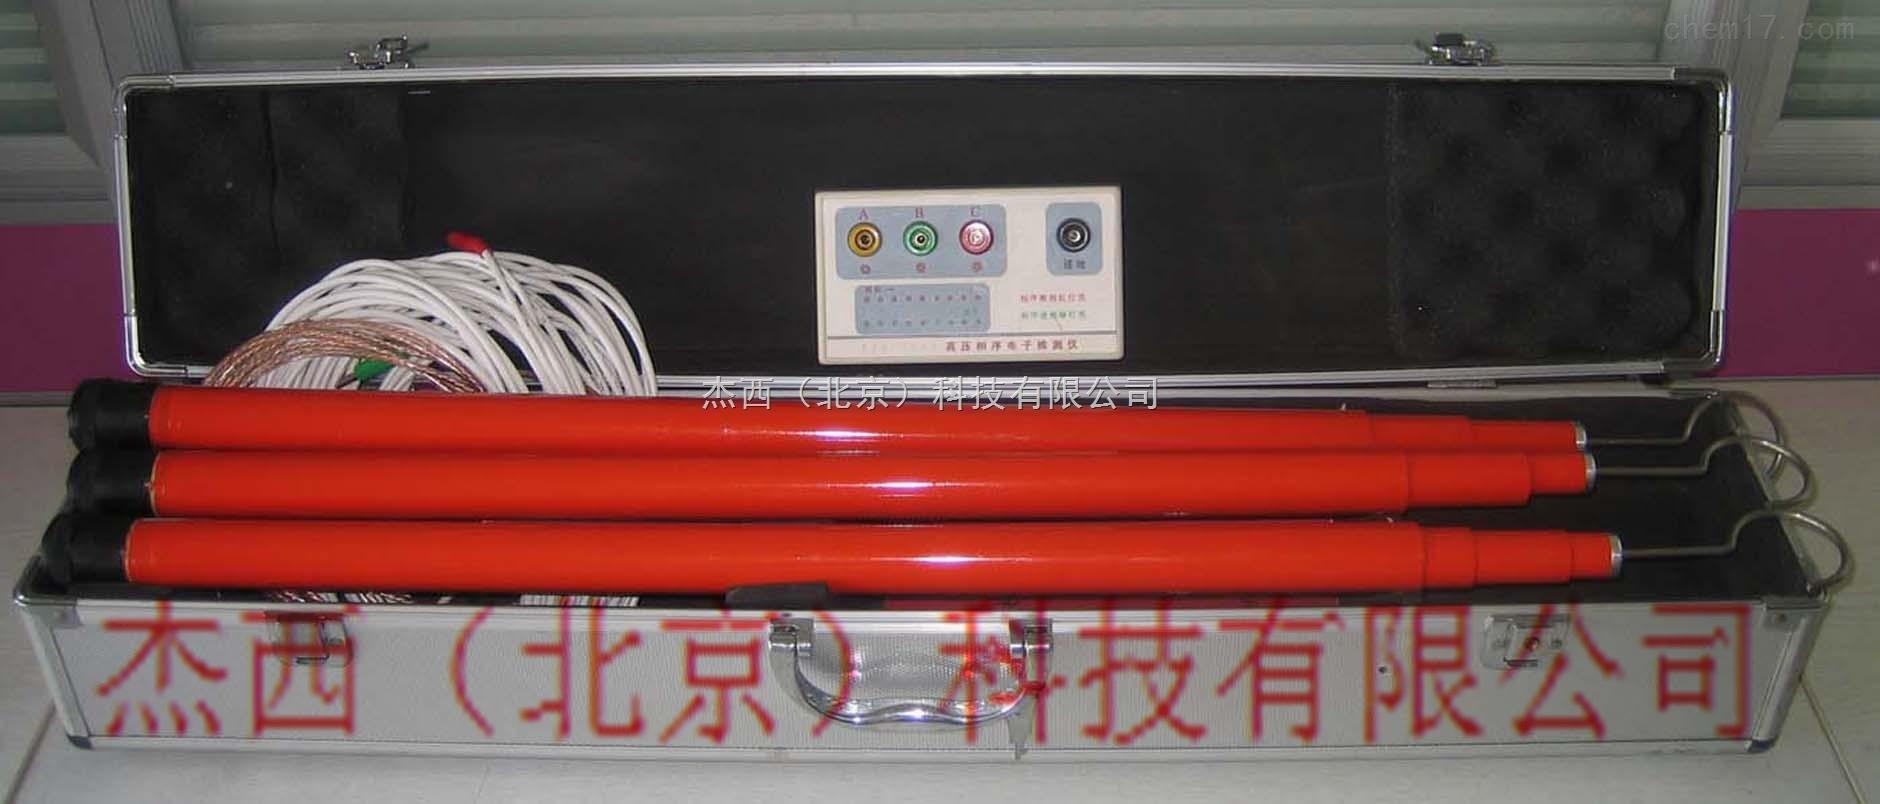 jt-9012 高压相序检测仪